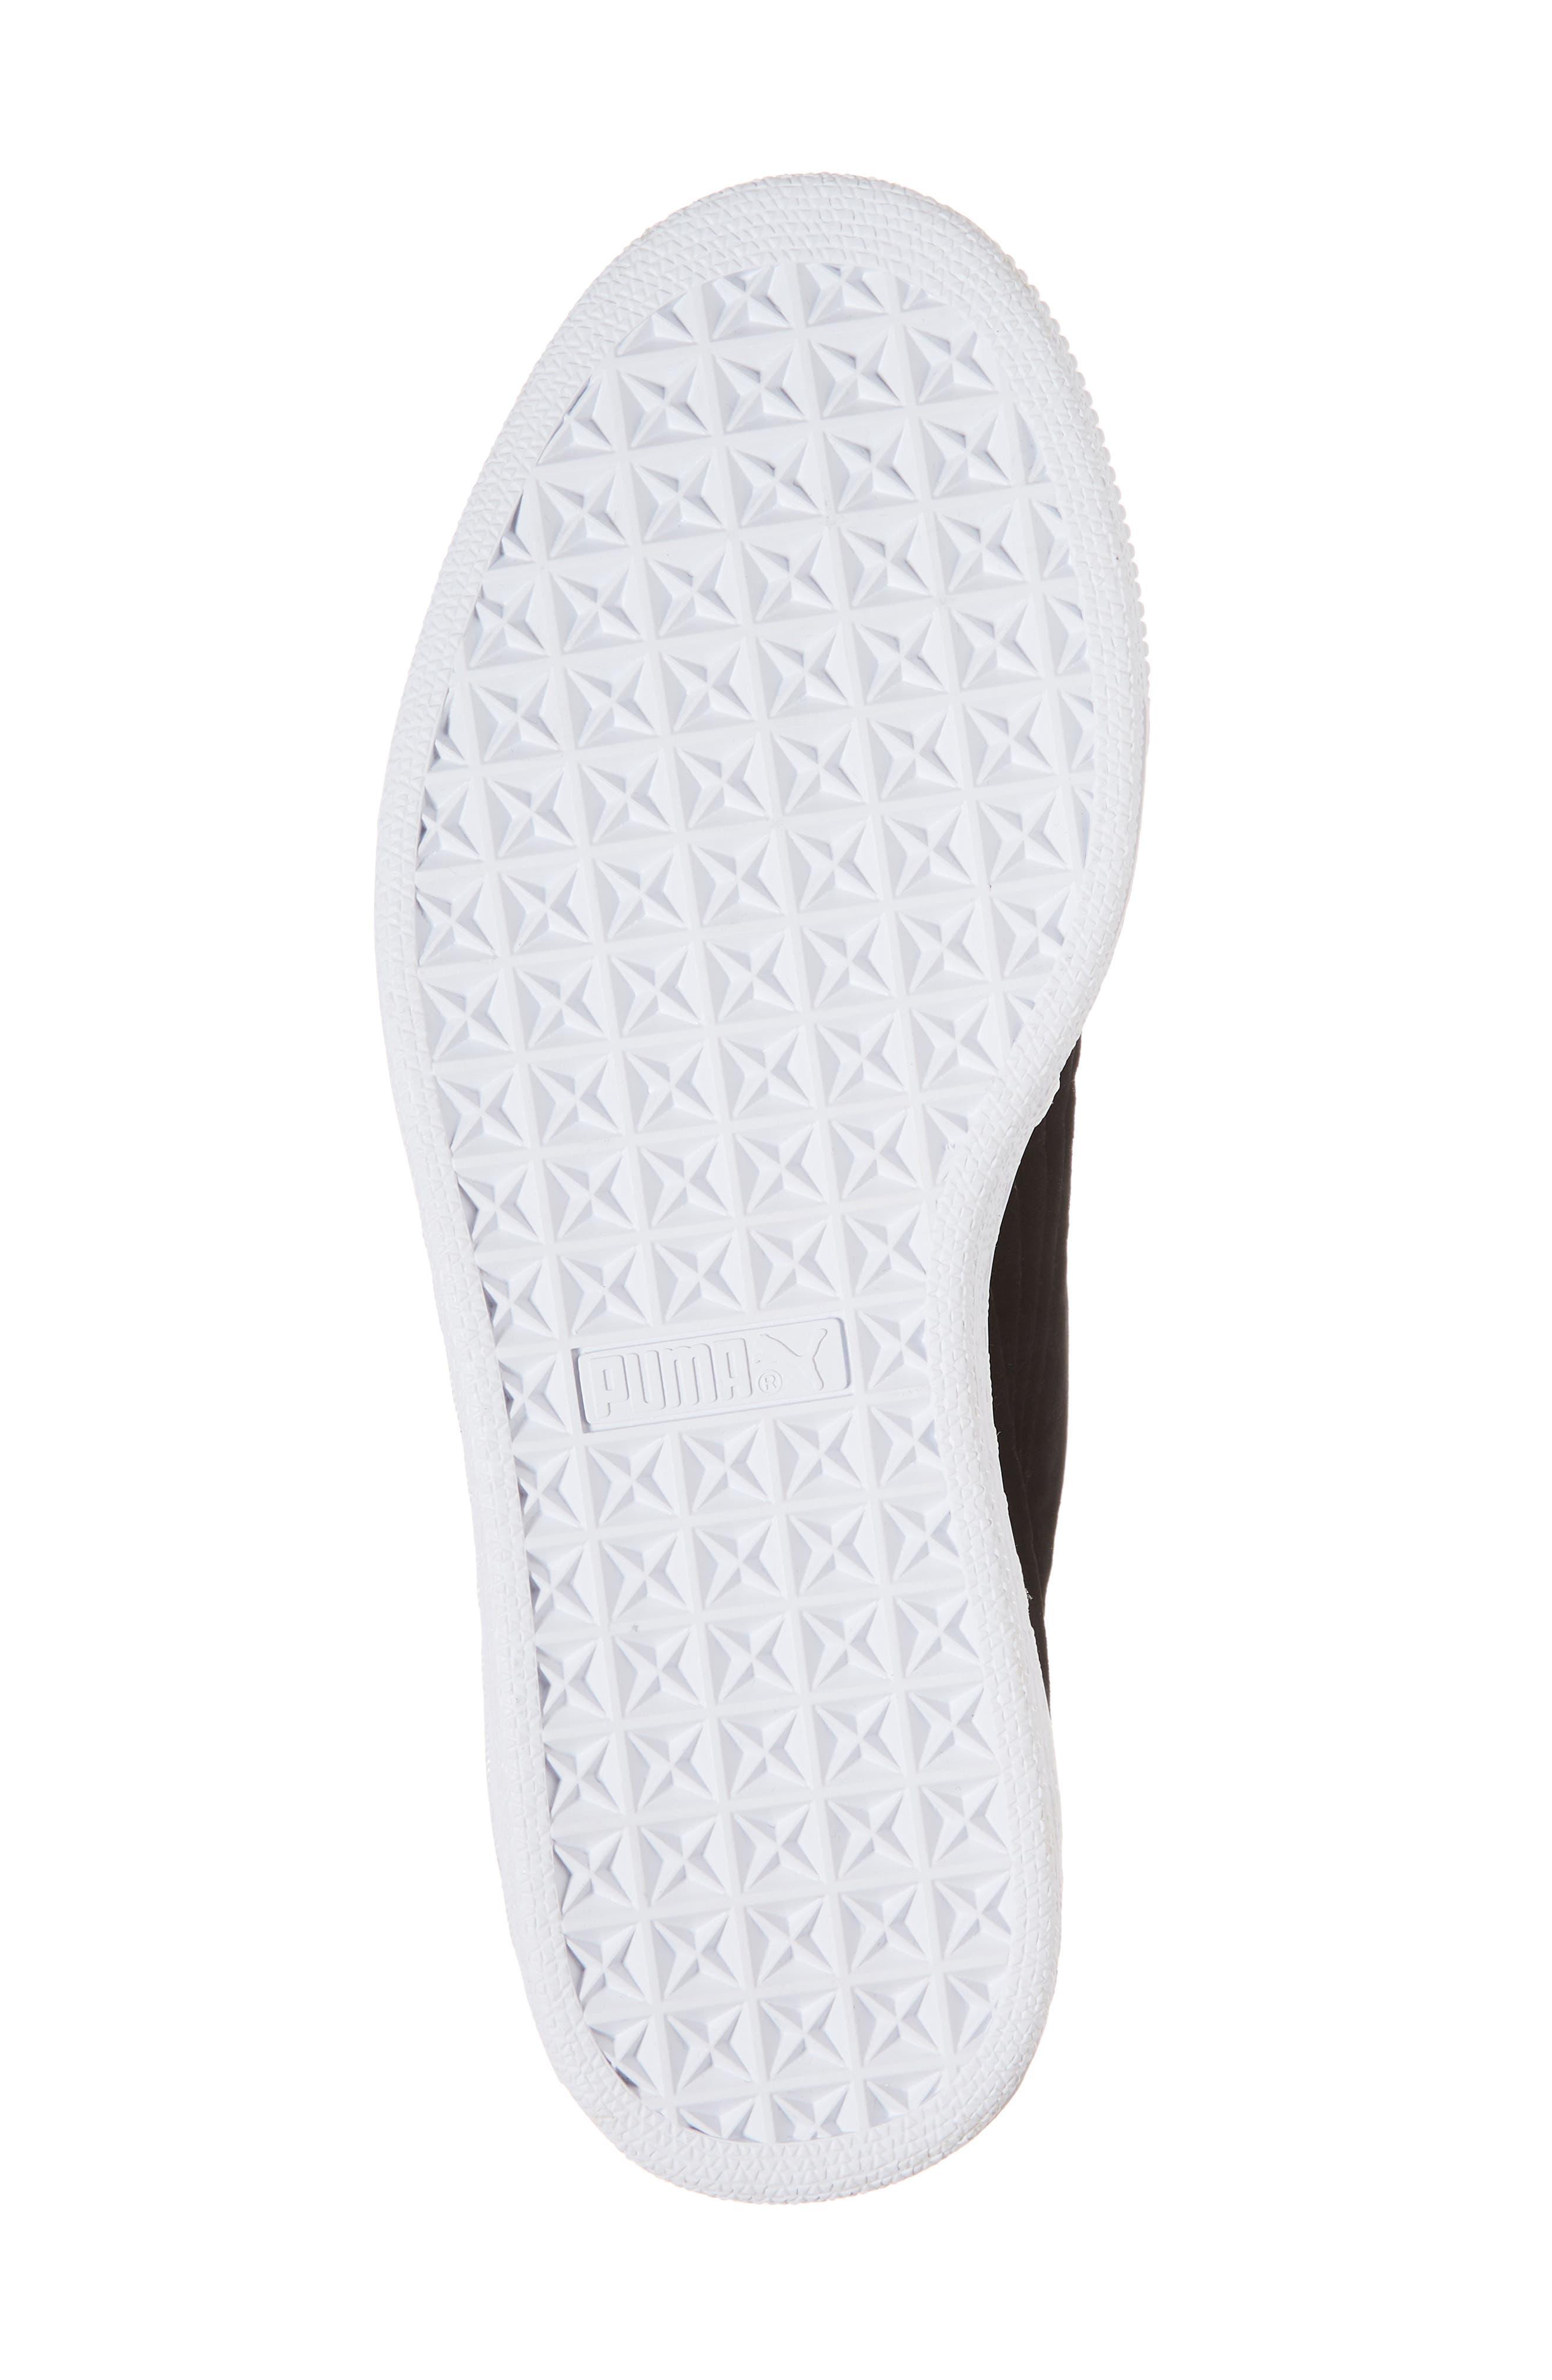 Basket Heart Hyper Embroidered Sneaker,                             Alternate thumbnail 6, color,                             Black